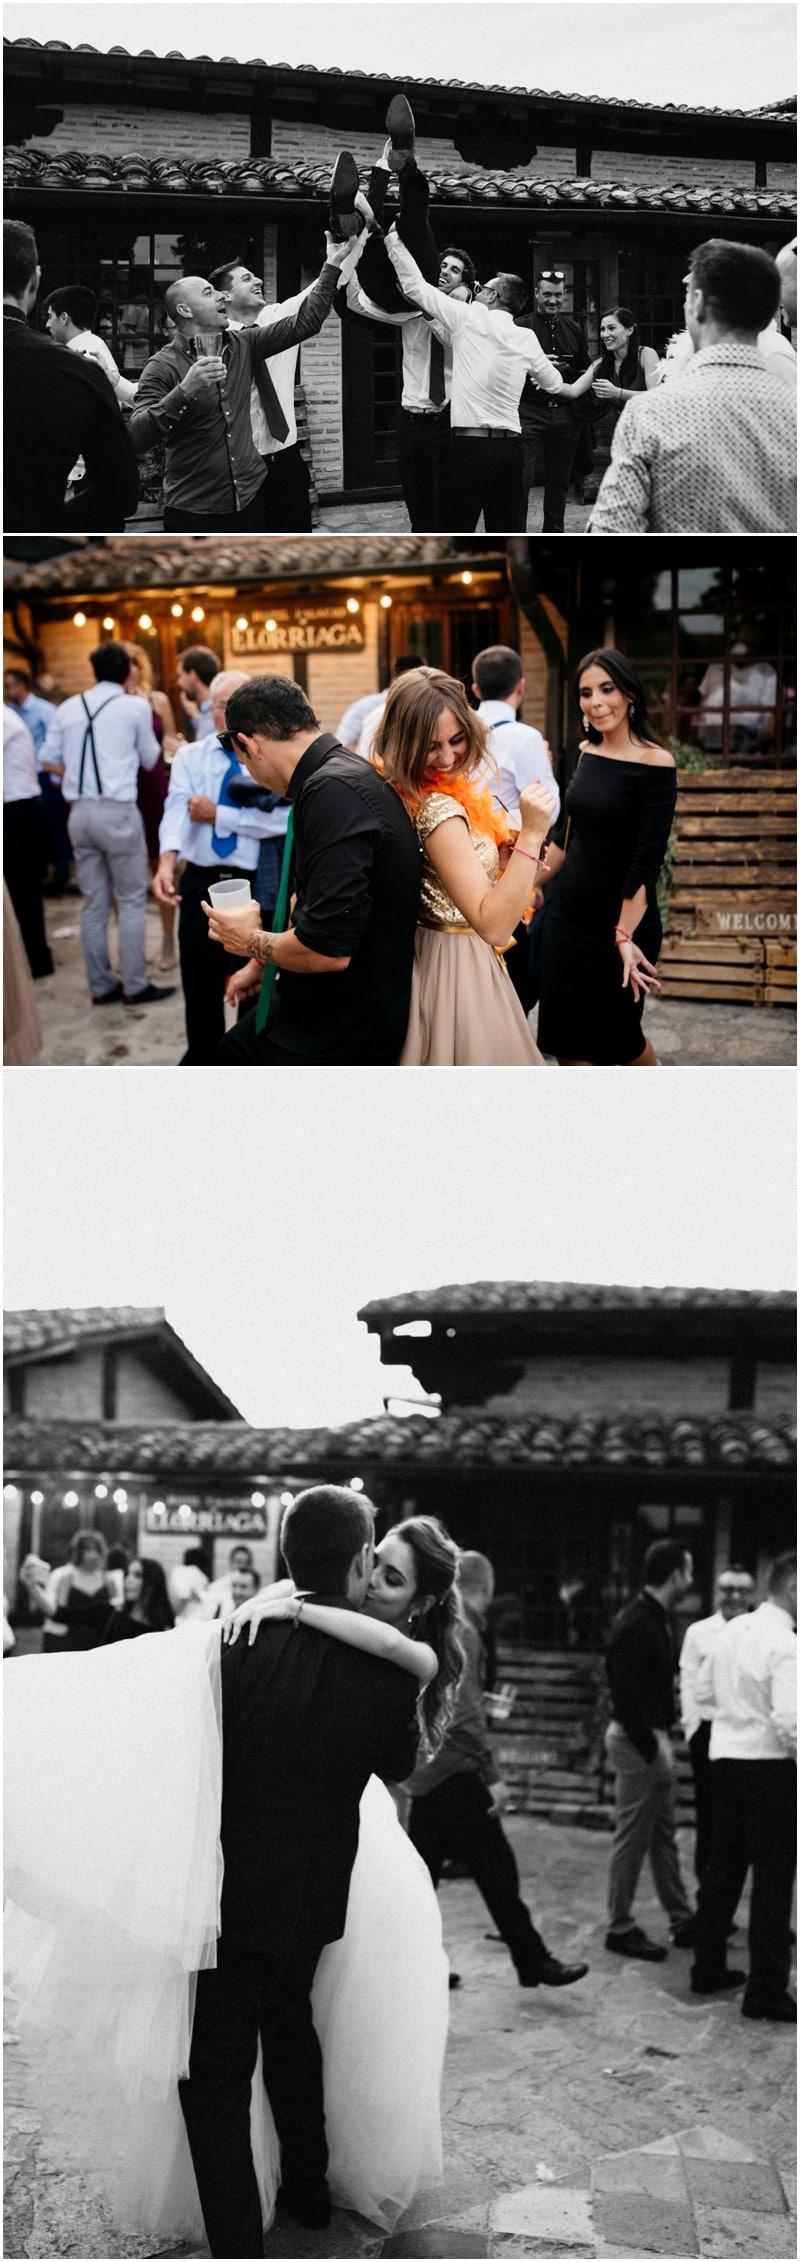 Boda en el Palacio Elorriaga en Vitoria (Álava). Fotógrafo de boda en Vitoria (Álava). Bodas en Vitoria. Bodas bonitas en Vitoria. Boda al aire libre en Vitoria. Boda civil en Vitoria. Bodas en Bilbao. Fotógrafo de bodas en Bilbao. Boda civil en bilbao. Boda en el Palacio de Elorriaga en Vitoria.